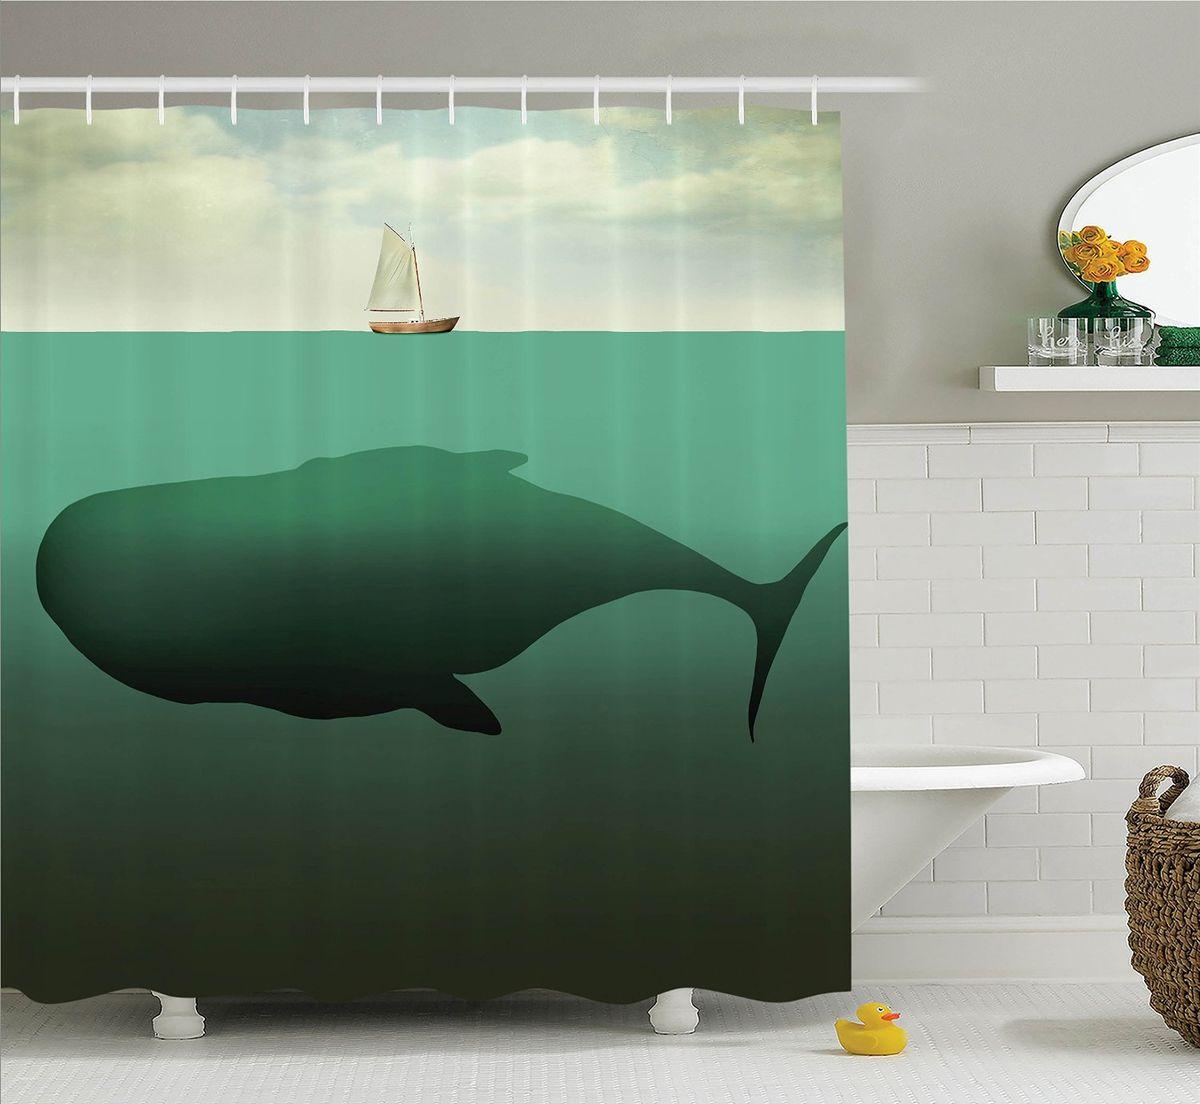 """Штора Magic Lady """"Гигантский кит"""", изготовленная из высококачественного сатена (полиэстер 100%), отлично дополнит любой интерьер ванной комнаты. При изготовлении используются специальные гипоаллергенные чернила для прямой печати по ткани, безопасные для человека.    В комплекте: 1 штора, 12 крючков. Обращаем ваше внимание, фактический цвет изделия может незначительно отличаться от представленного на фото."""